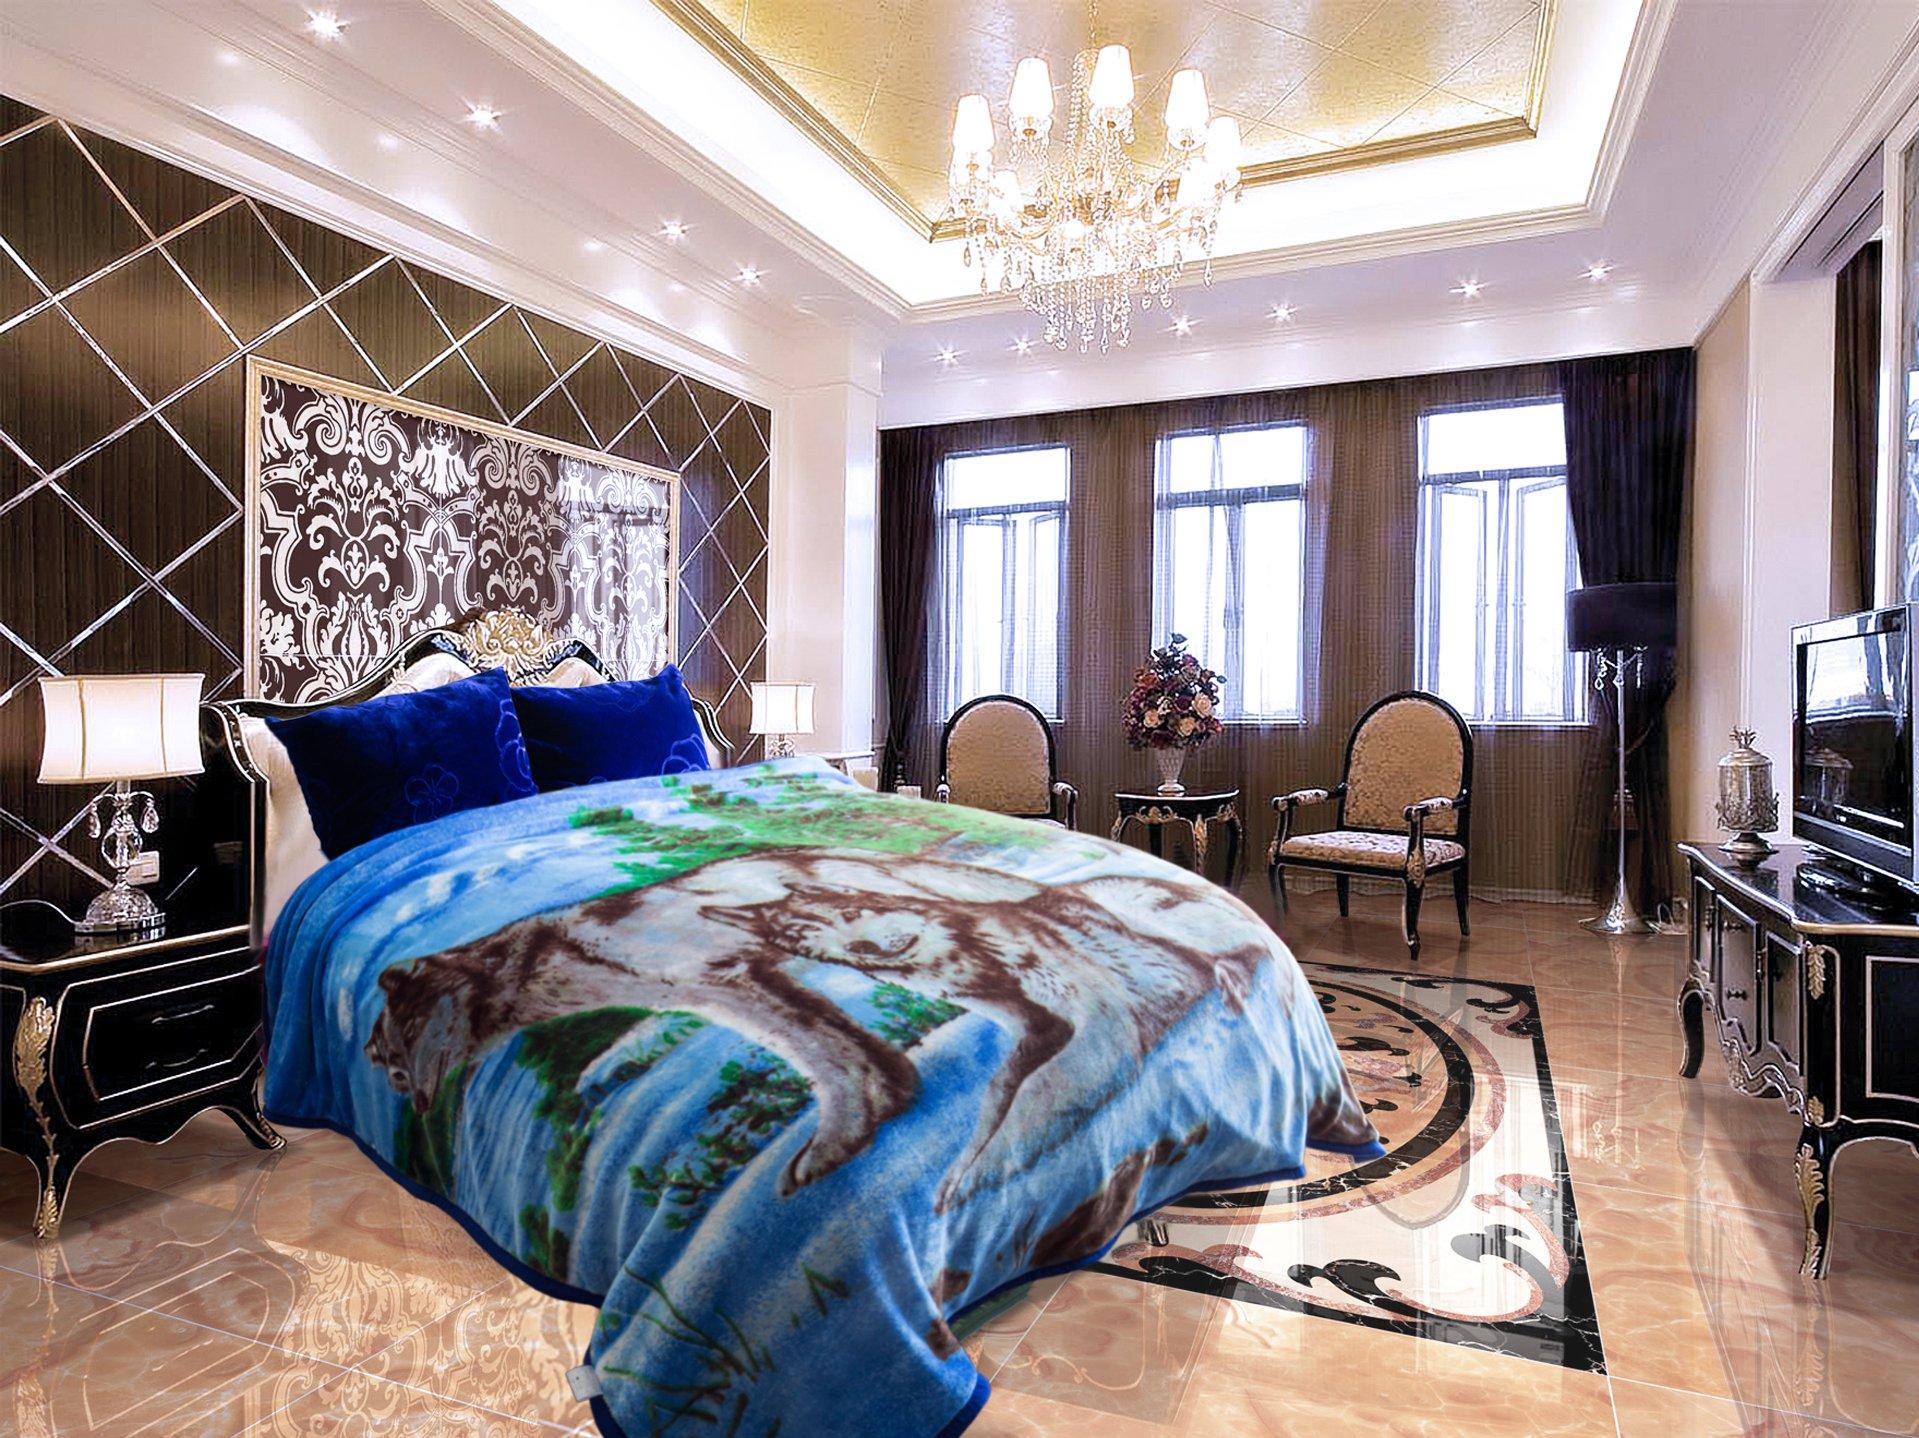 Jml Heavy Duty Korean Mink Blanket - 4.9 lb Soft Warm Plush Fleece Bed Blanket for Winter, 85x93 inch(King, Blue&Wolf) by Jml (Image #2)